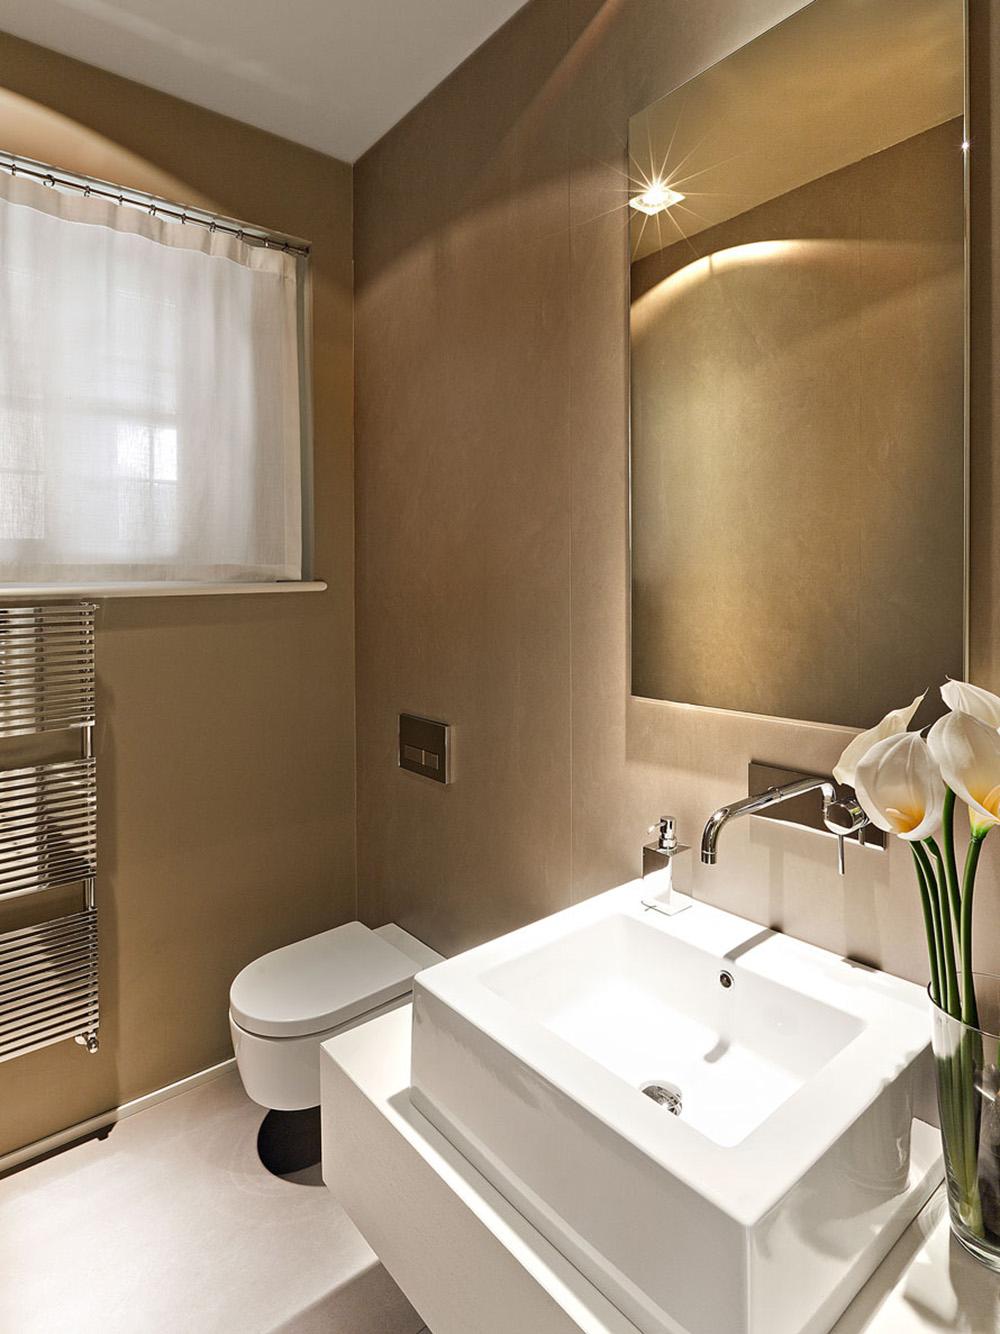 Gallery of foto tende a pacchetto per interni tende - Tende classiche per bagno ...